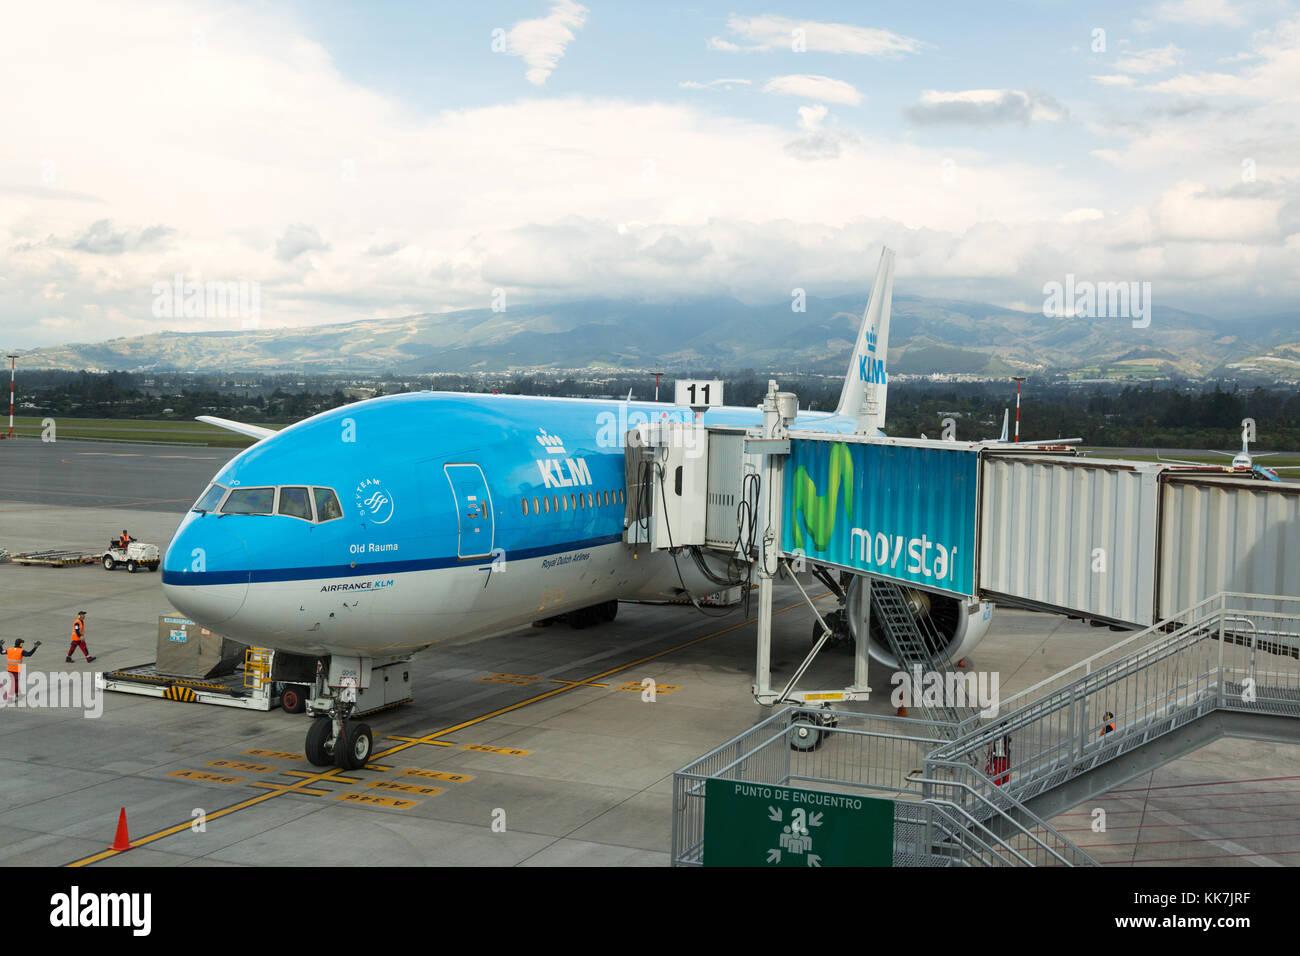 KLM aereo all'Aeroporto Internazionale di Mariscal Sucre, Quito, Ecuador, Sud America Immagini Stock